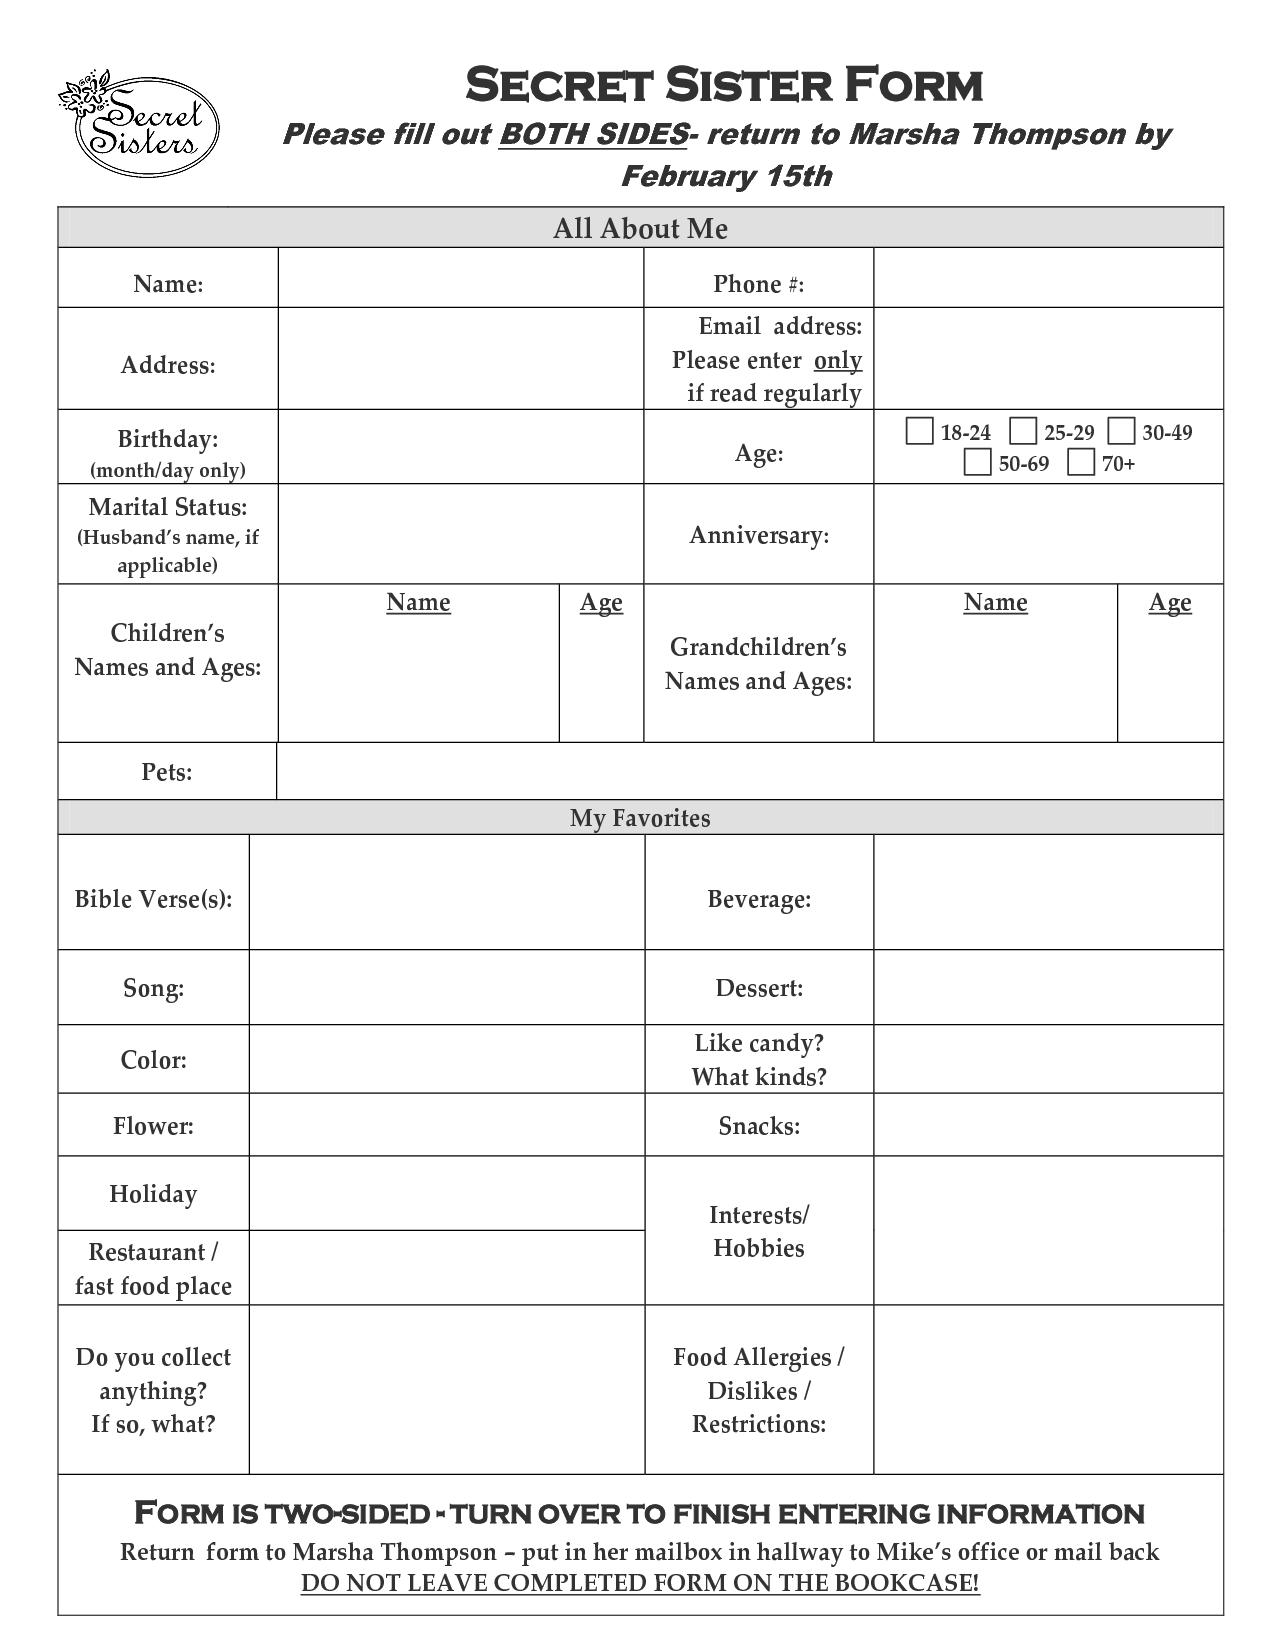 Secret Sister Questionnaire Form